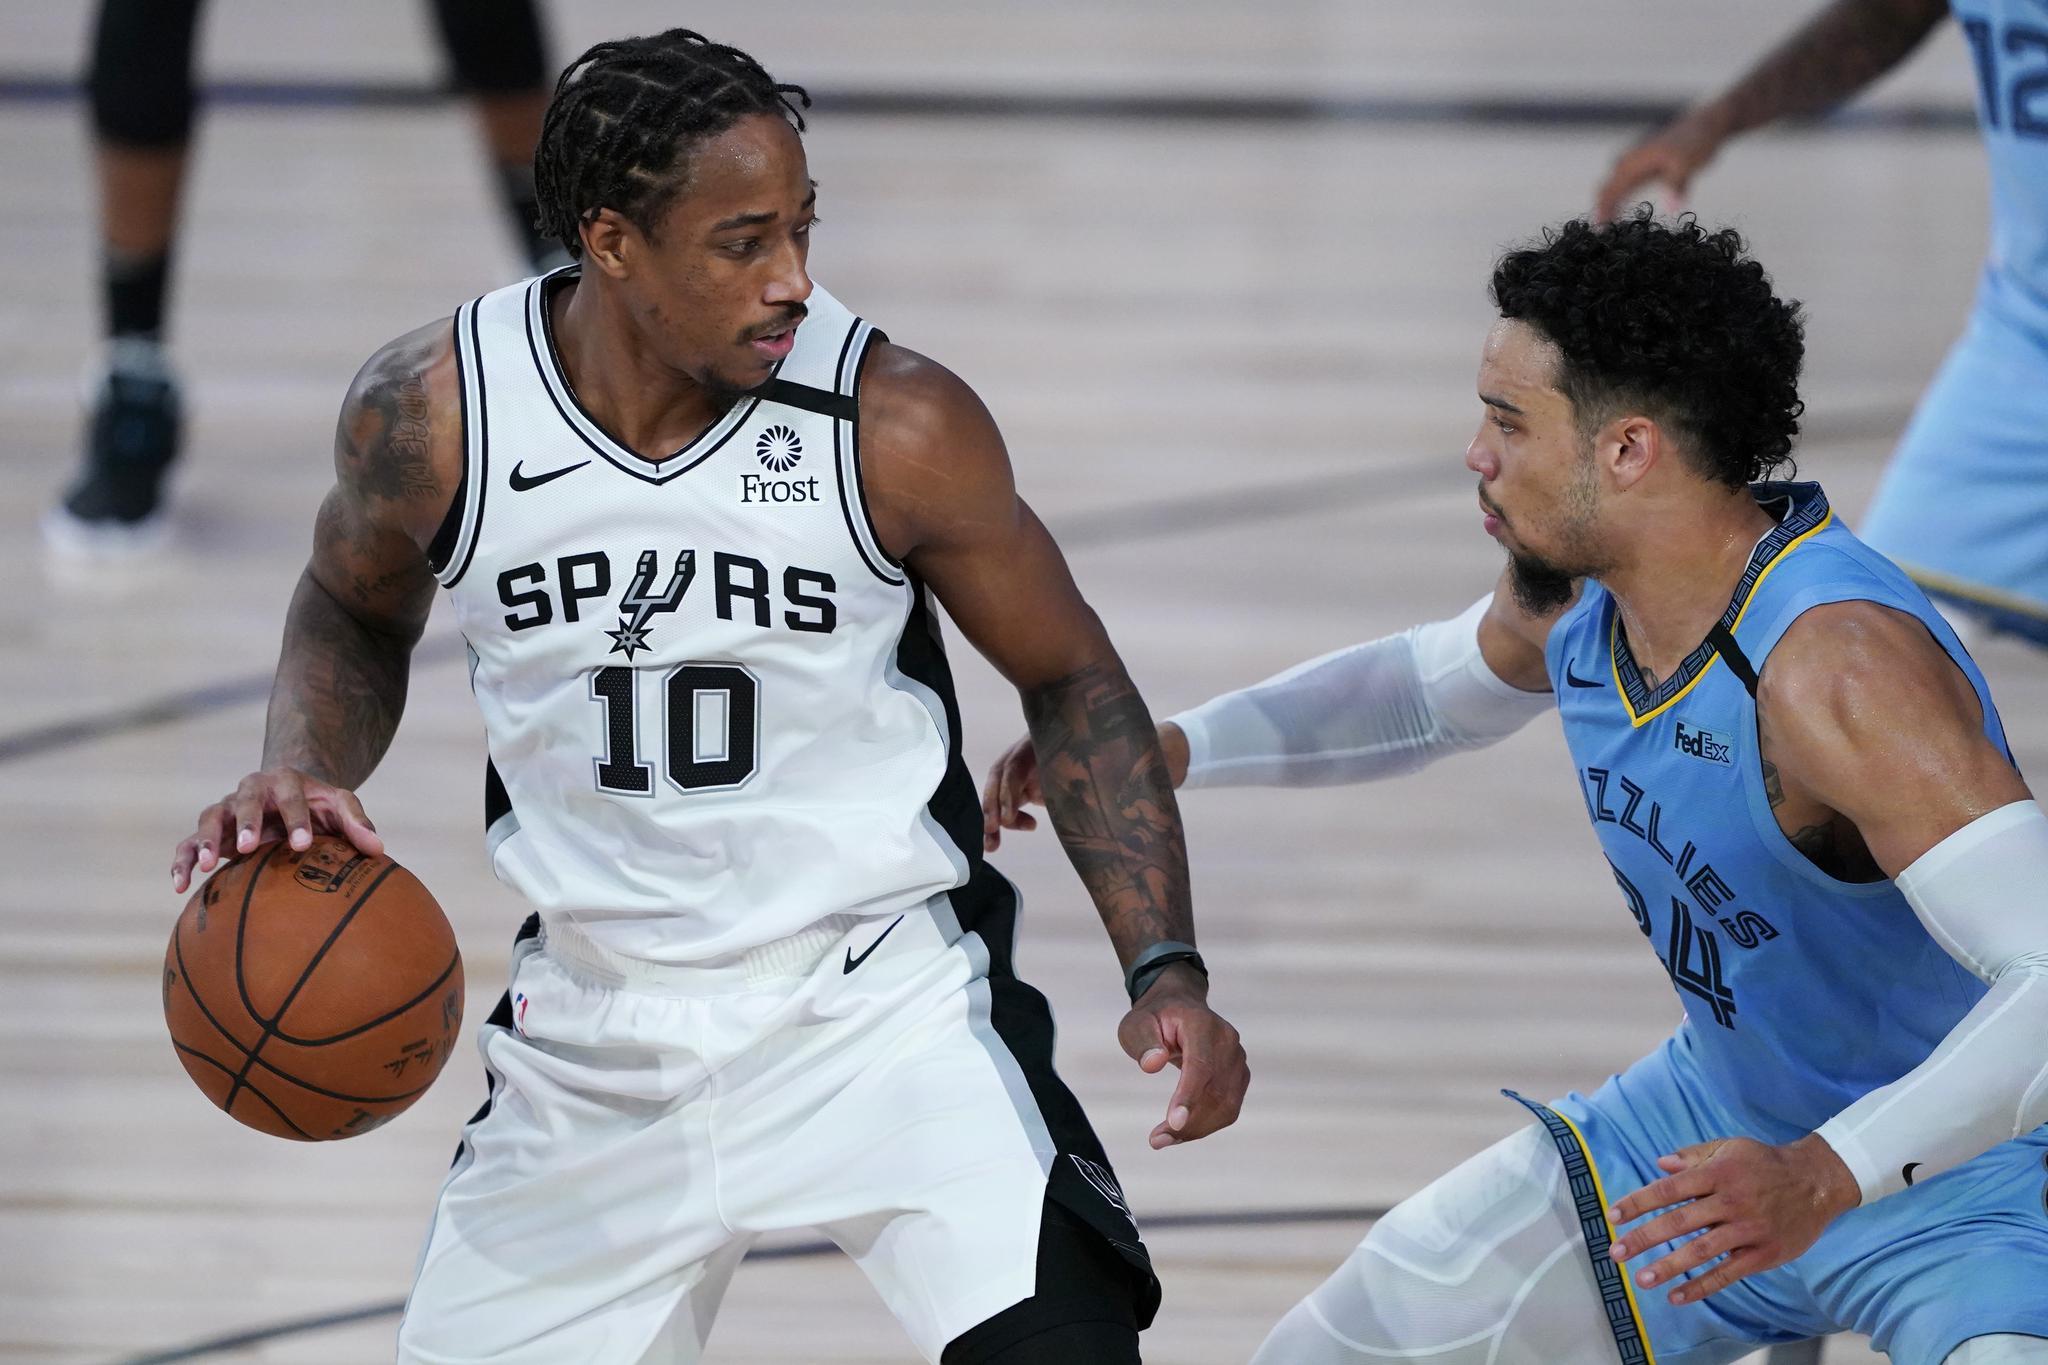 马刺作为NBA最近30年最稳定的球队,连续第22个赛季进入季后赛